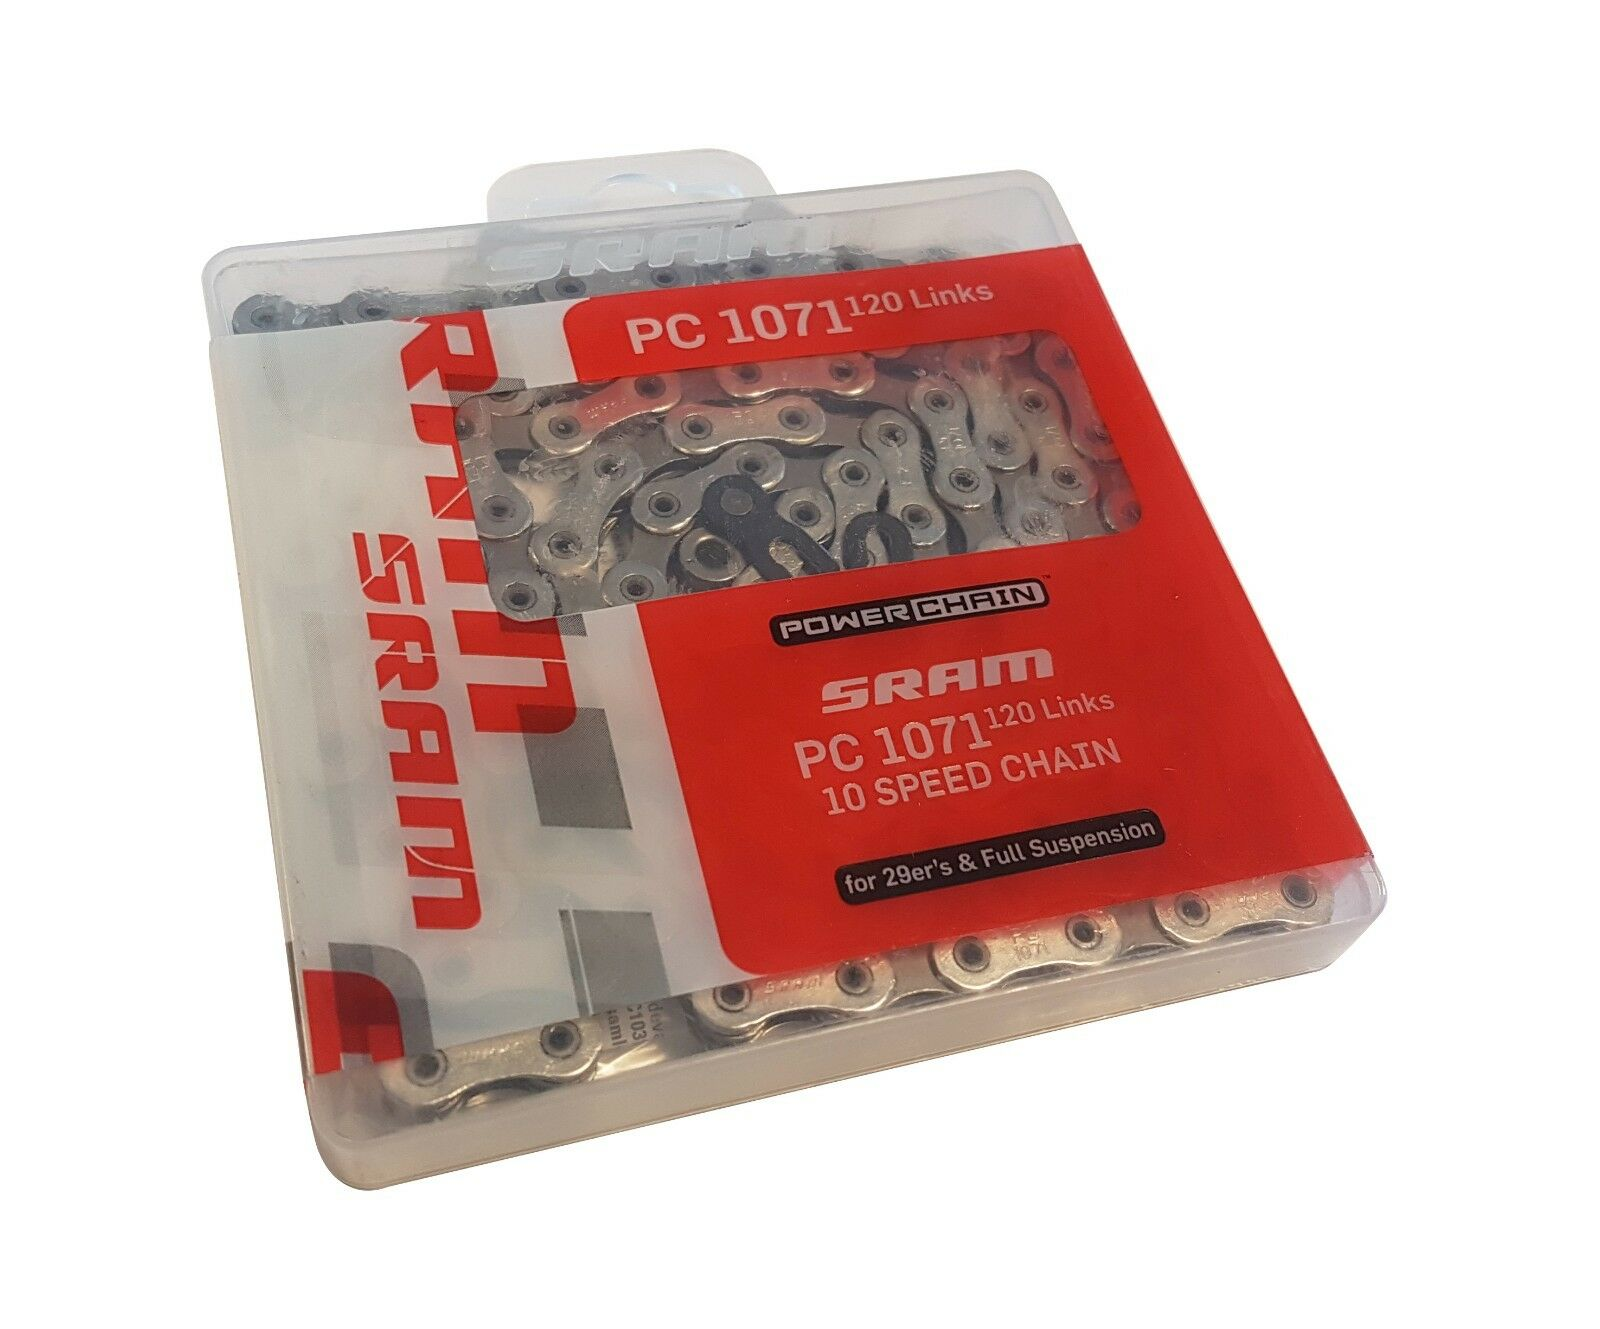 SRAM PC 1071 10-SPEED CHAIN HOLLOWPIN RIVET 120 LINKS FOR 29er / SUSPENSION BIKE